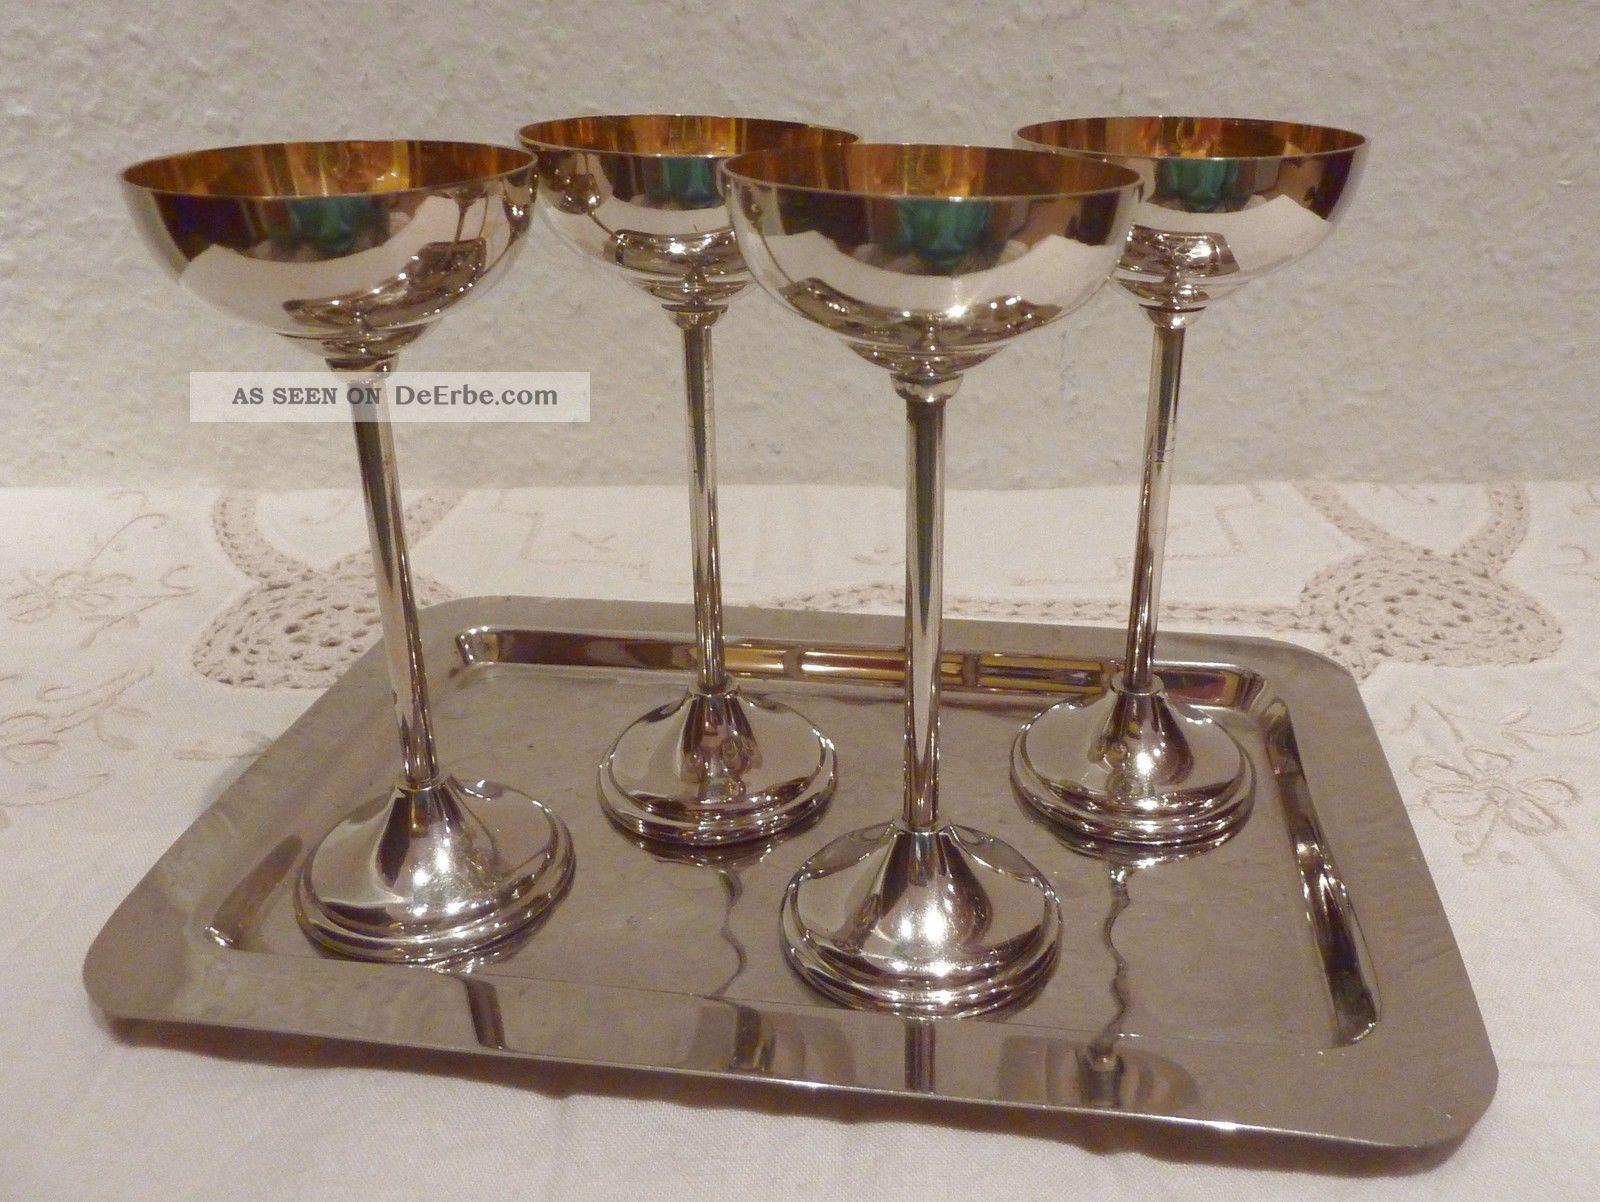 4 Elegante Art Deco Likörbecher Kelche 4 Personen Um1930 Eisbecher Schnapsbecher Objekte vor 1945 Bild